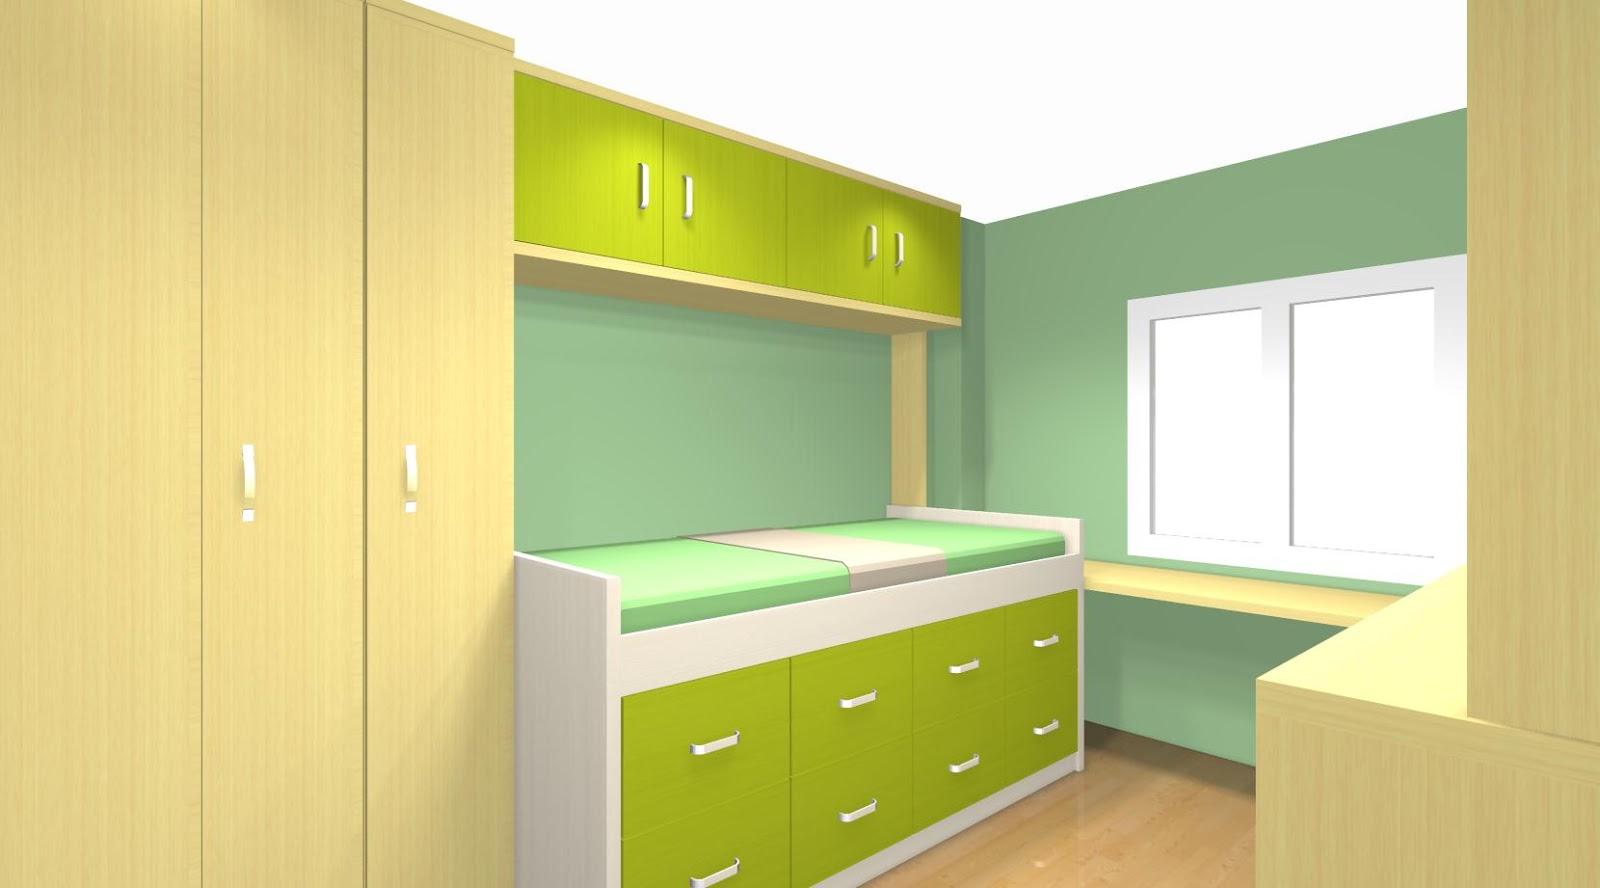 Proyecto dormitorio juvenil con puente - Dormitorios con puente ...